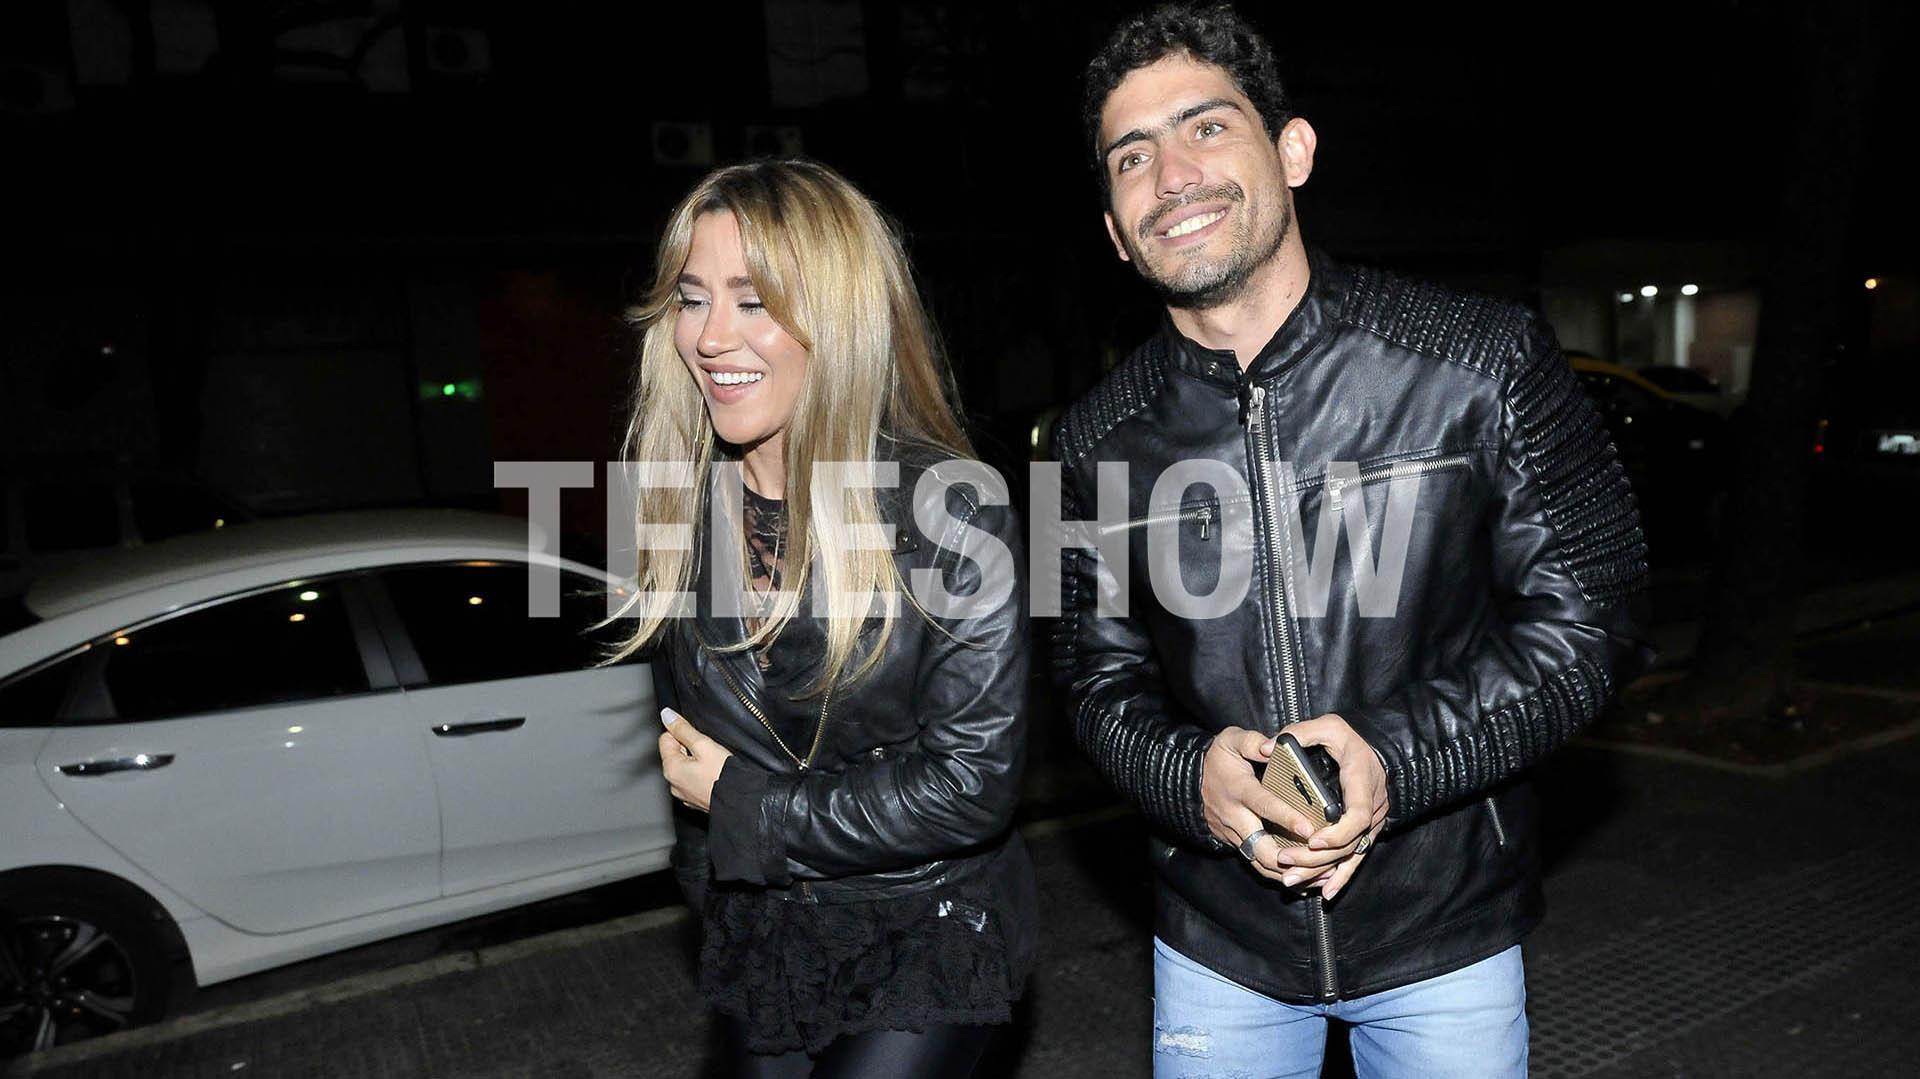 Jimena Barón y Rodrigo Romero tuvieron su primera salida juntos, tras viajar a Brasil. Los actores fueron a ver el show de Heidy Viciedo en el teatro Sony (Verónica Guerman)